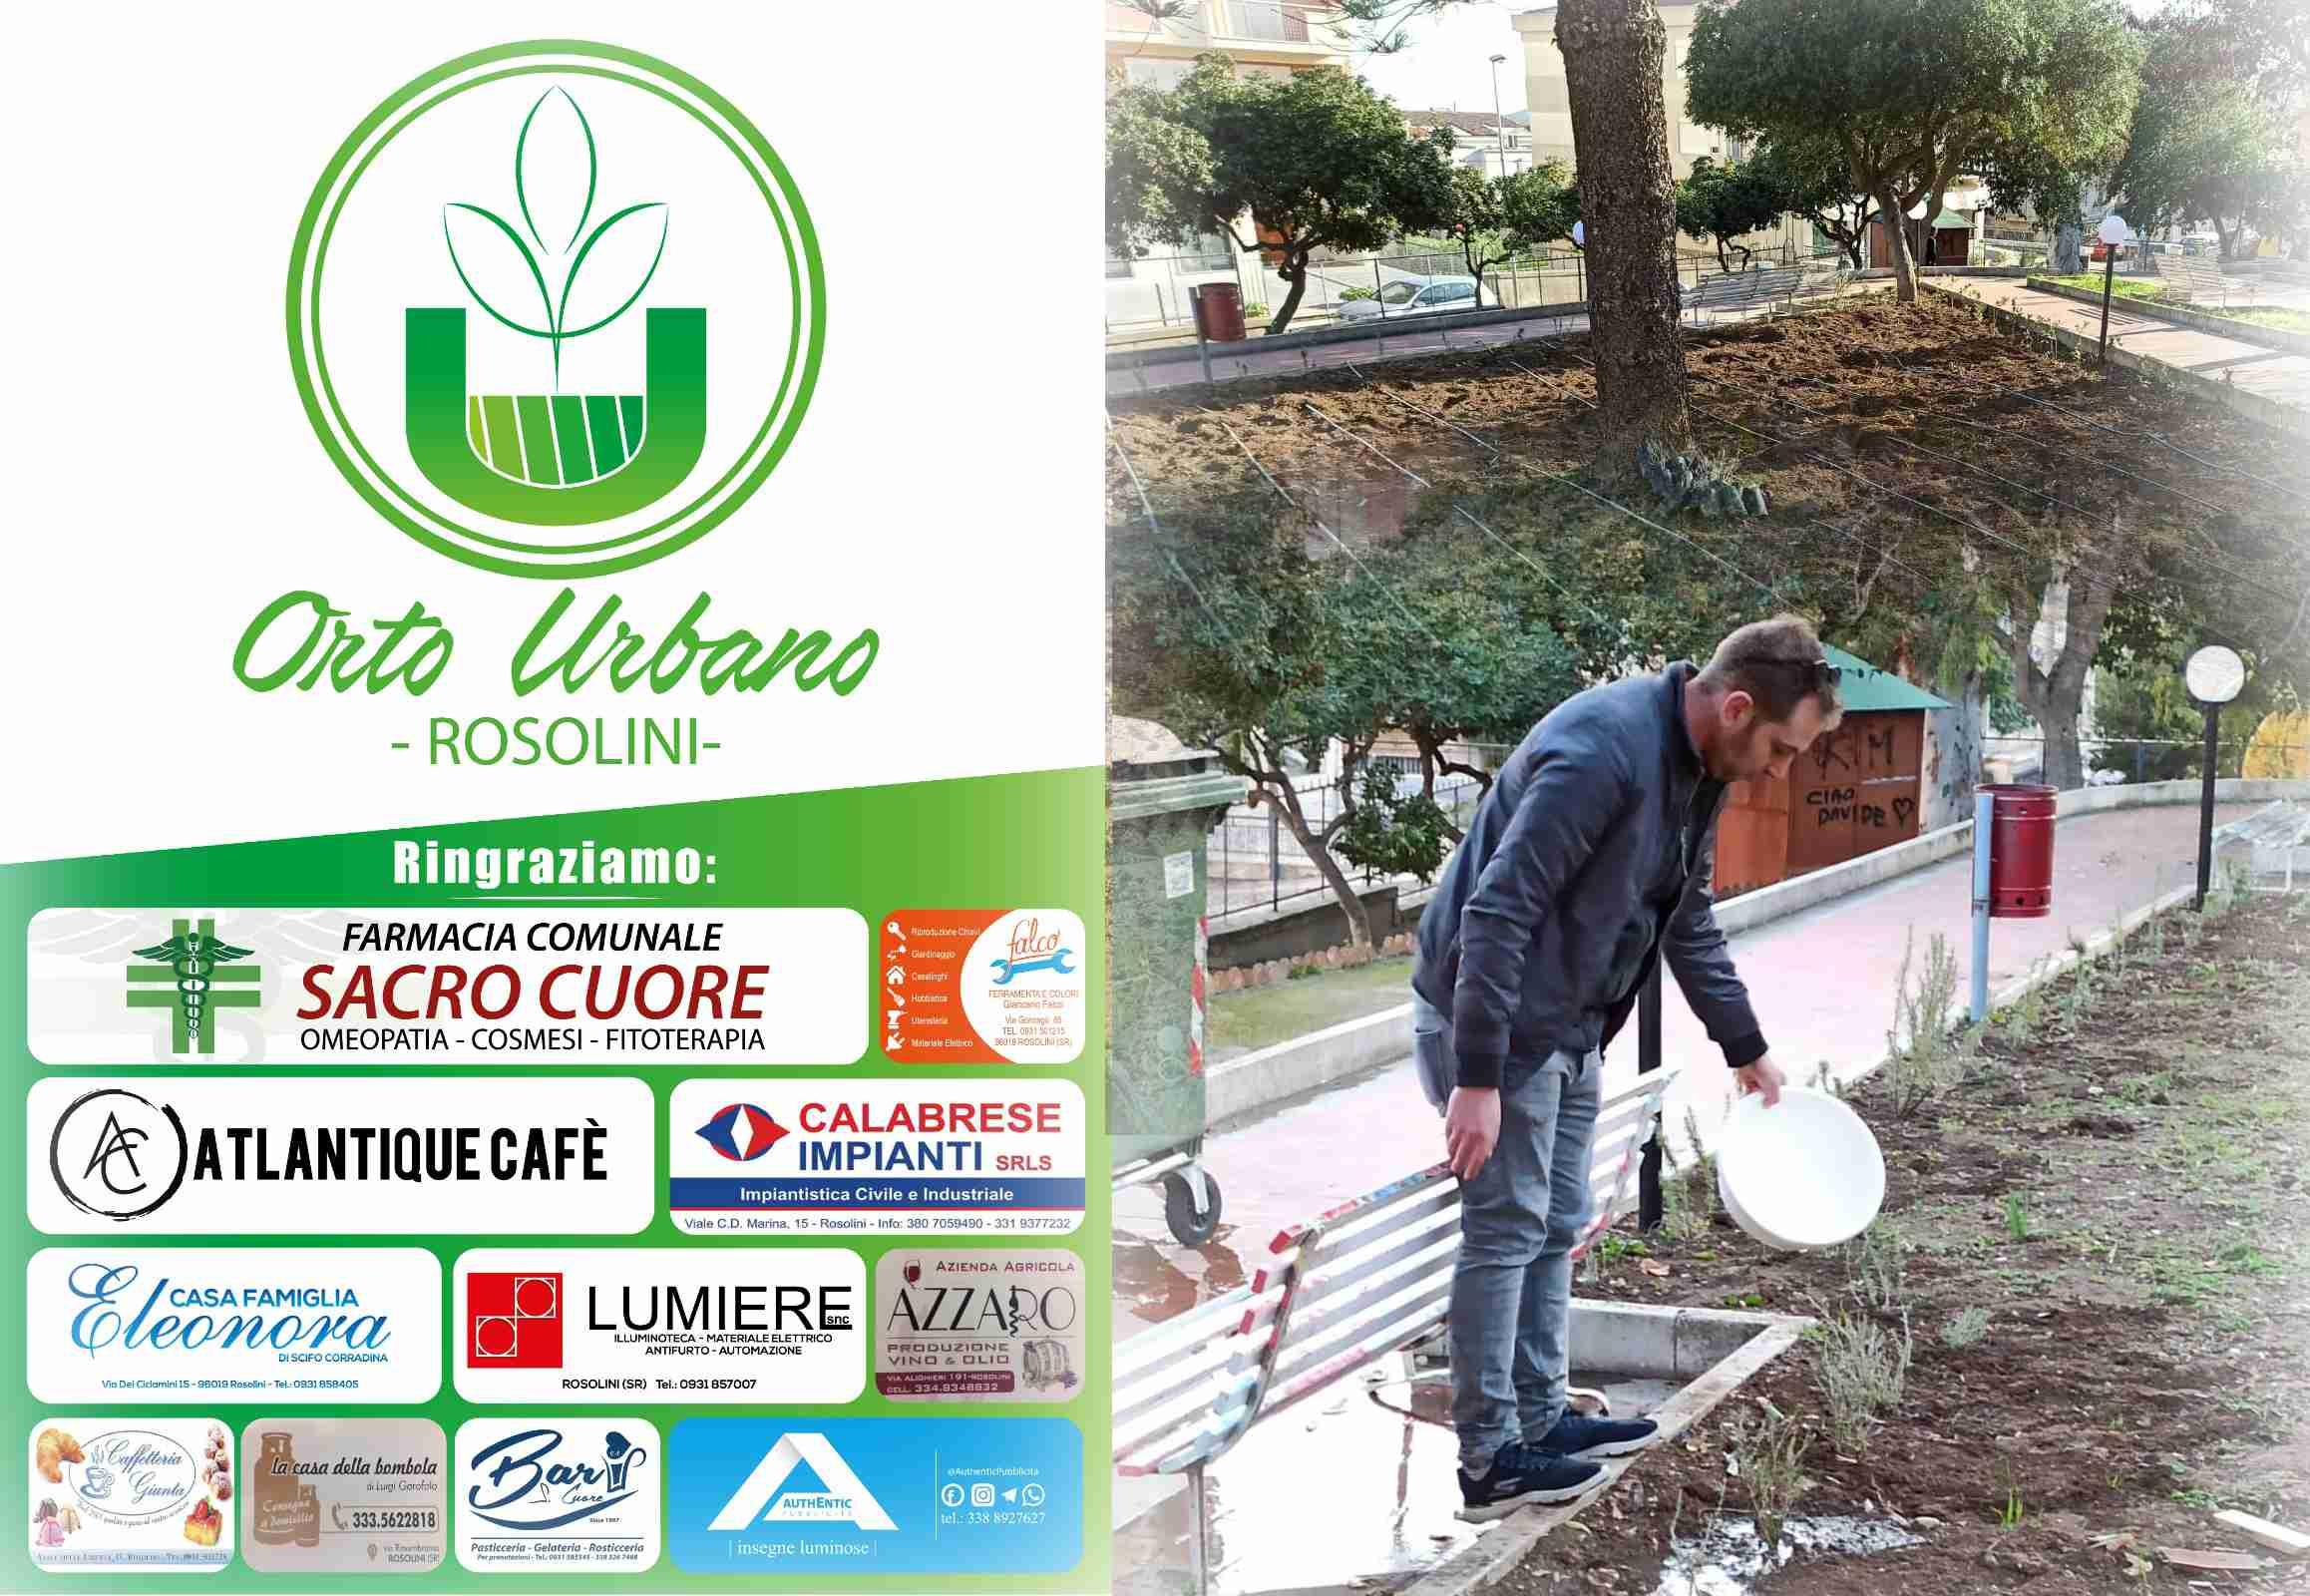 Alla Villetta degli Innamorati nasce l'Orto Urbano: i Giovani Democratici valorizzano i prodotti locali